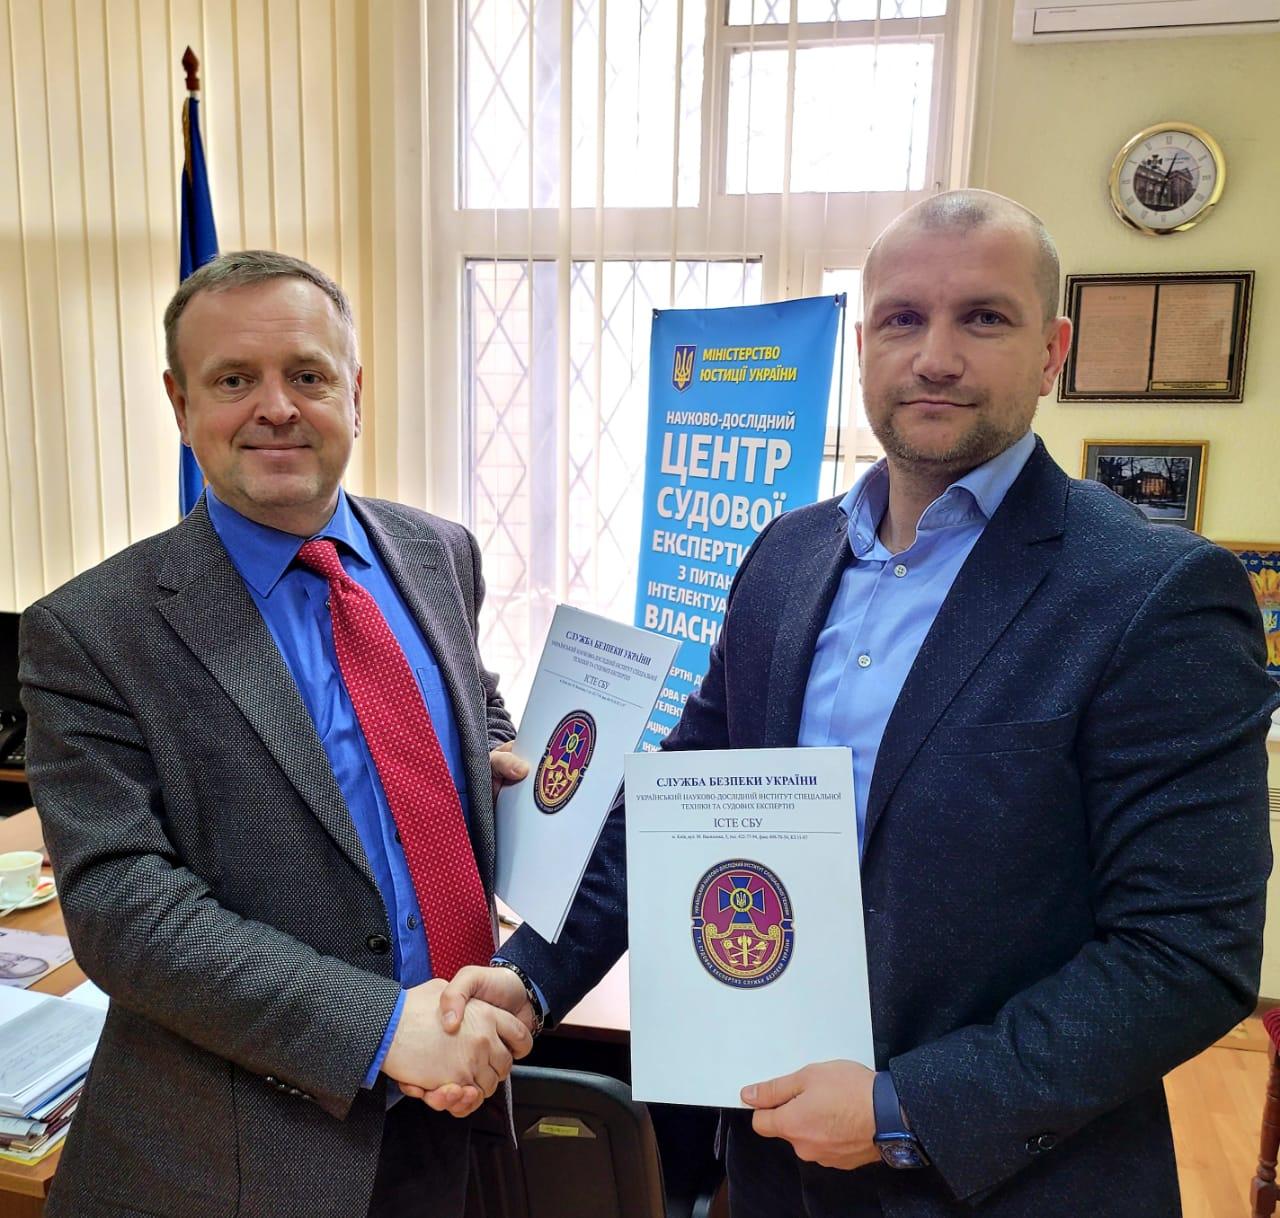 НДЦСЕ з питань інтелектуальної власності укладено Договір про співробітництво і взаємодію з Українським науково-дослідним інститутом спеціальної техніки та судової експертизи Служби безпеки України